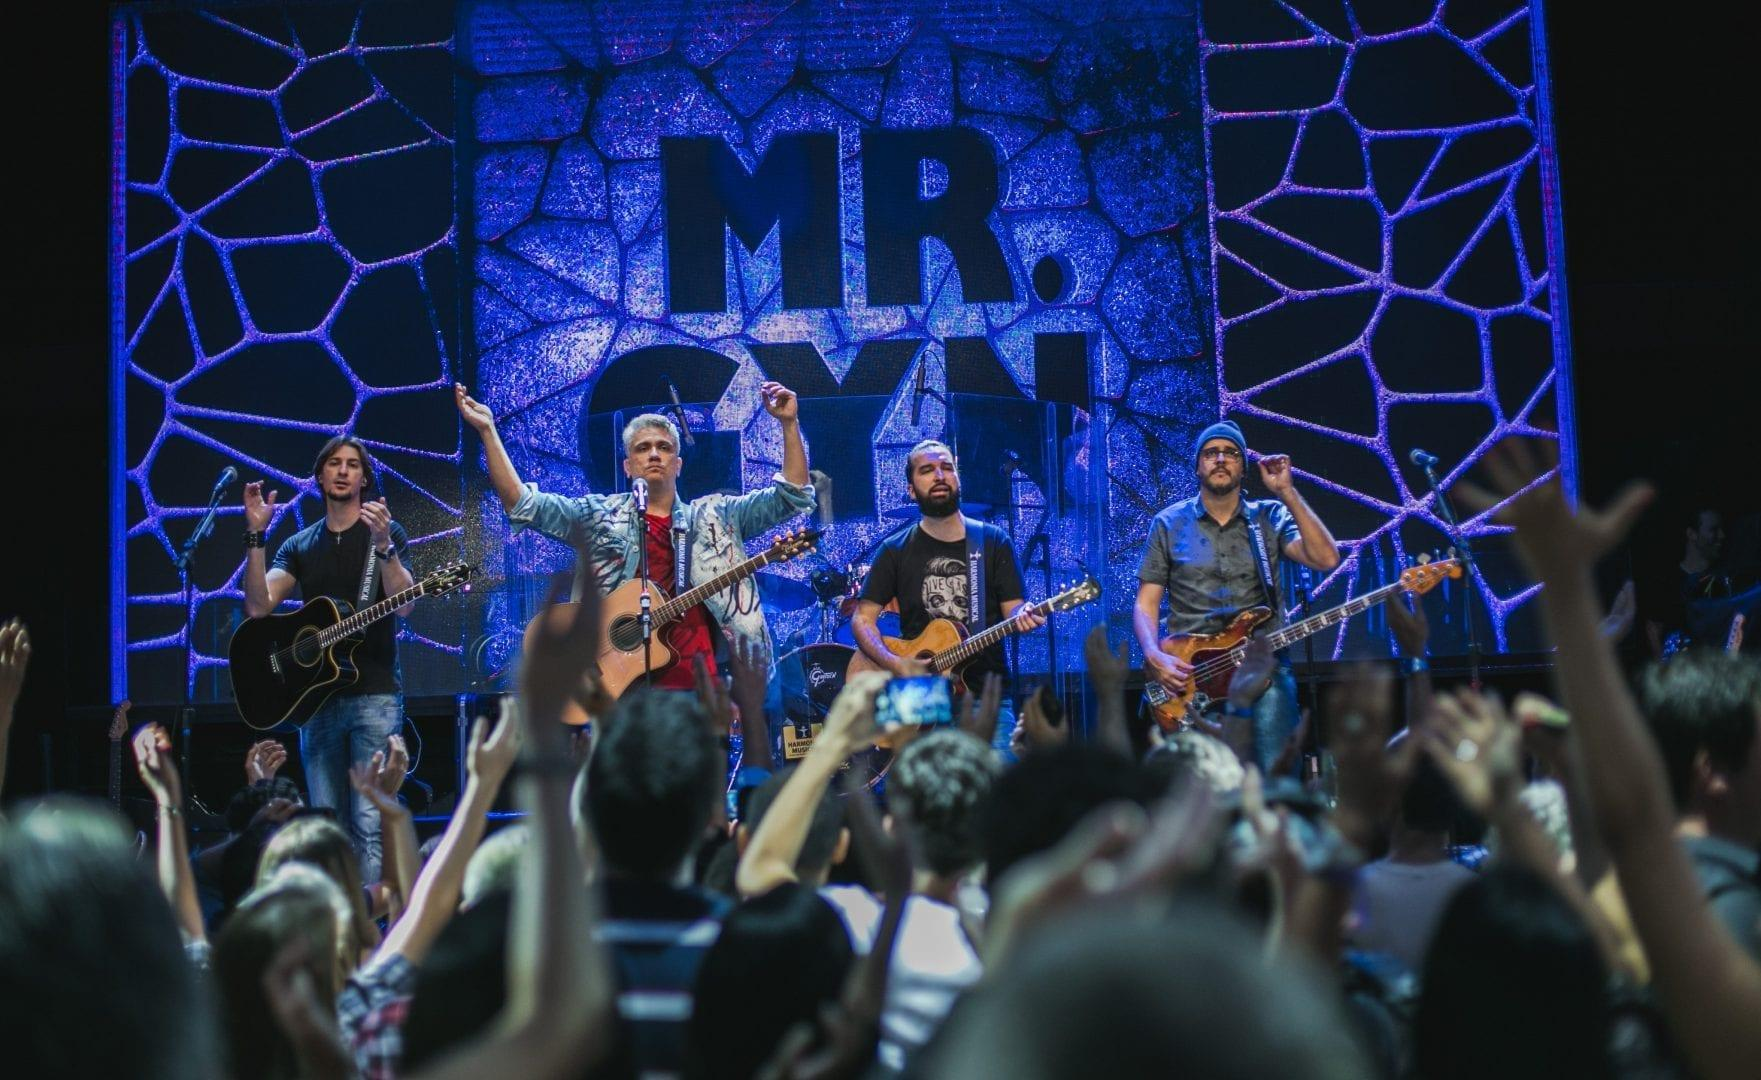 banda Mr. Gyn em Goiânia